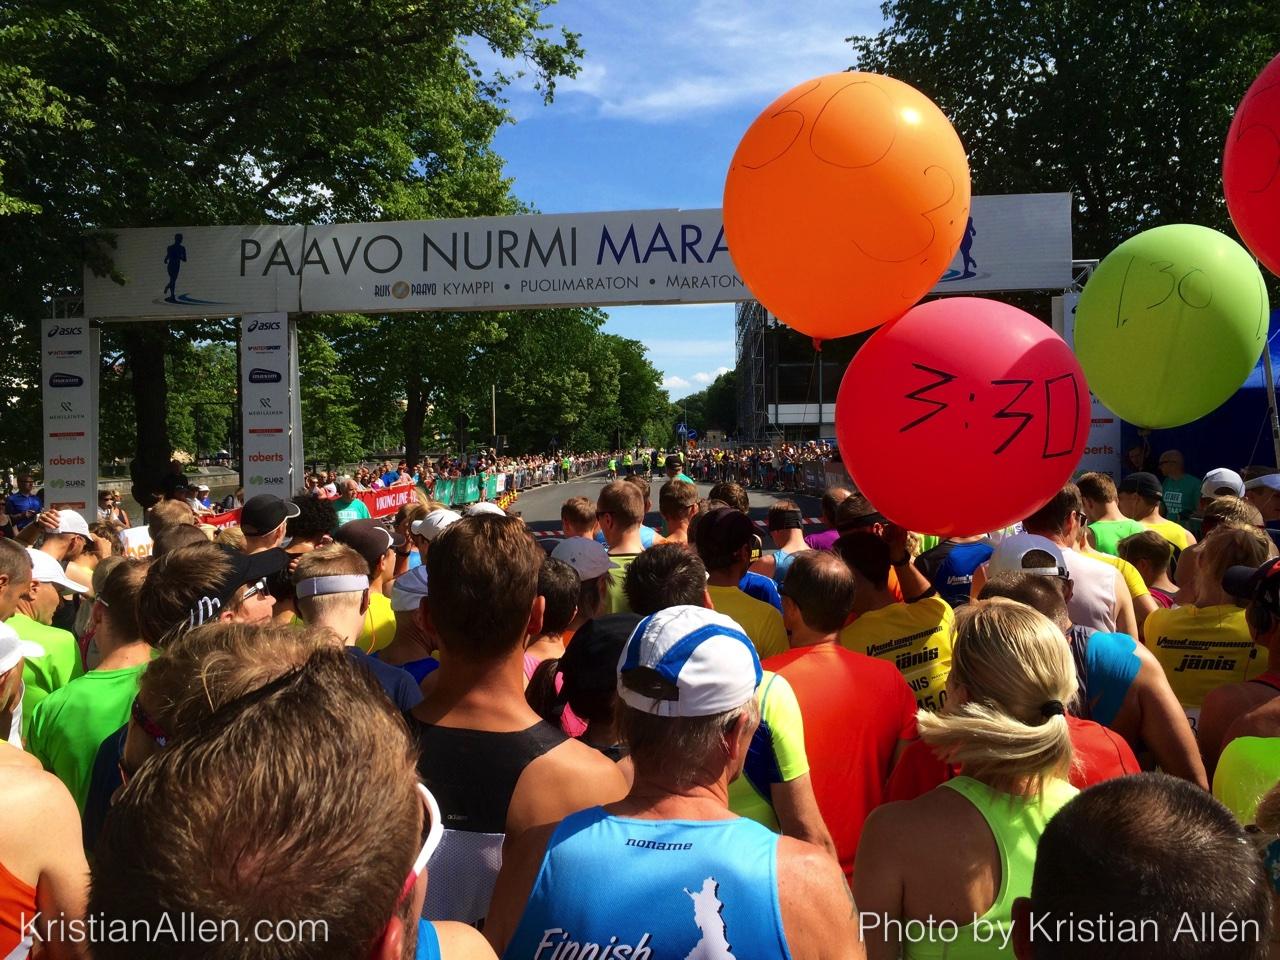 2.7.2016 21.22 km in Paavo Nurmi Marathon